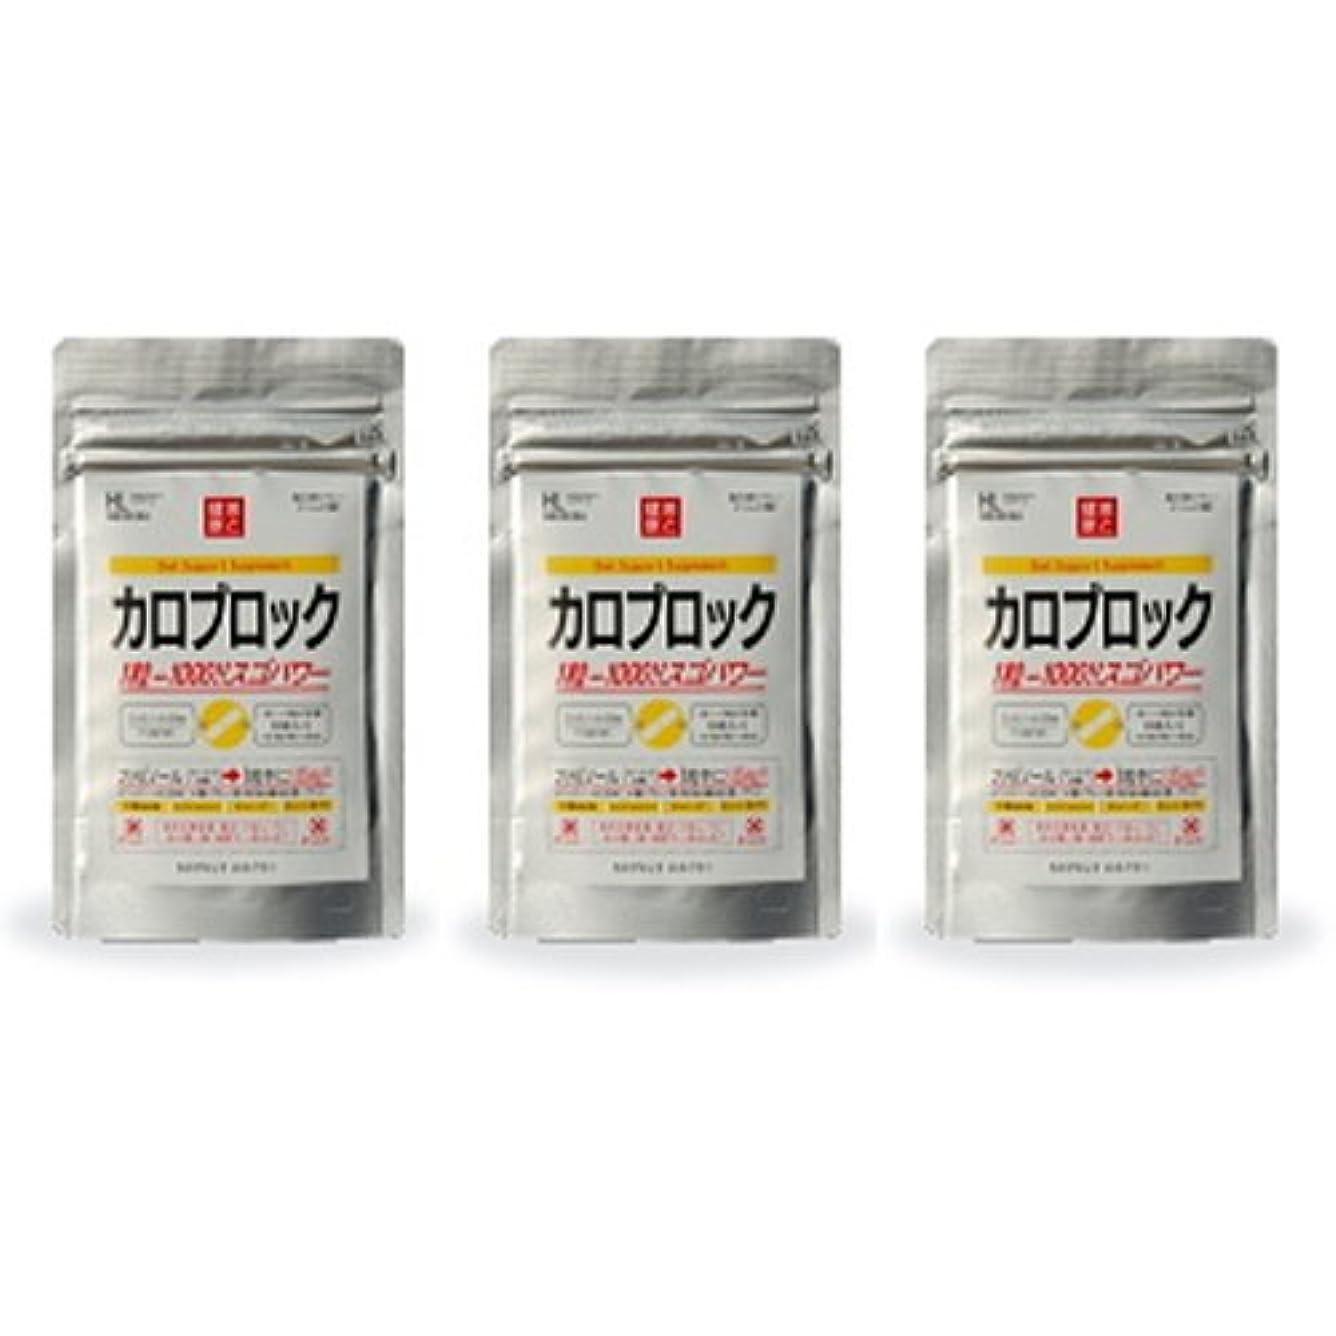 リード周波数便利カロブロックスゴパワー 3個セット(白いんげん豆配合ダイエットサプリ)